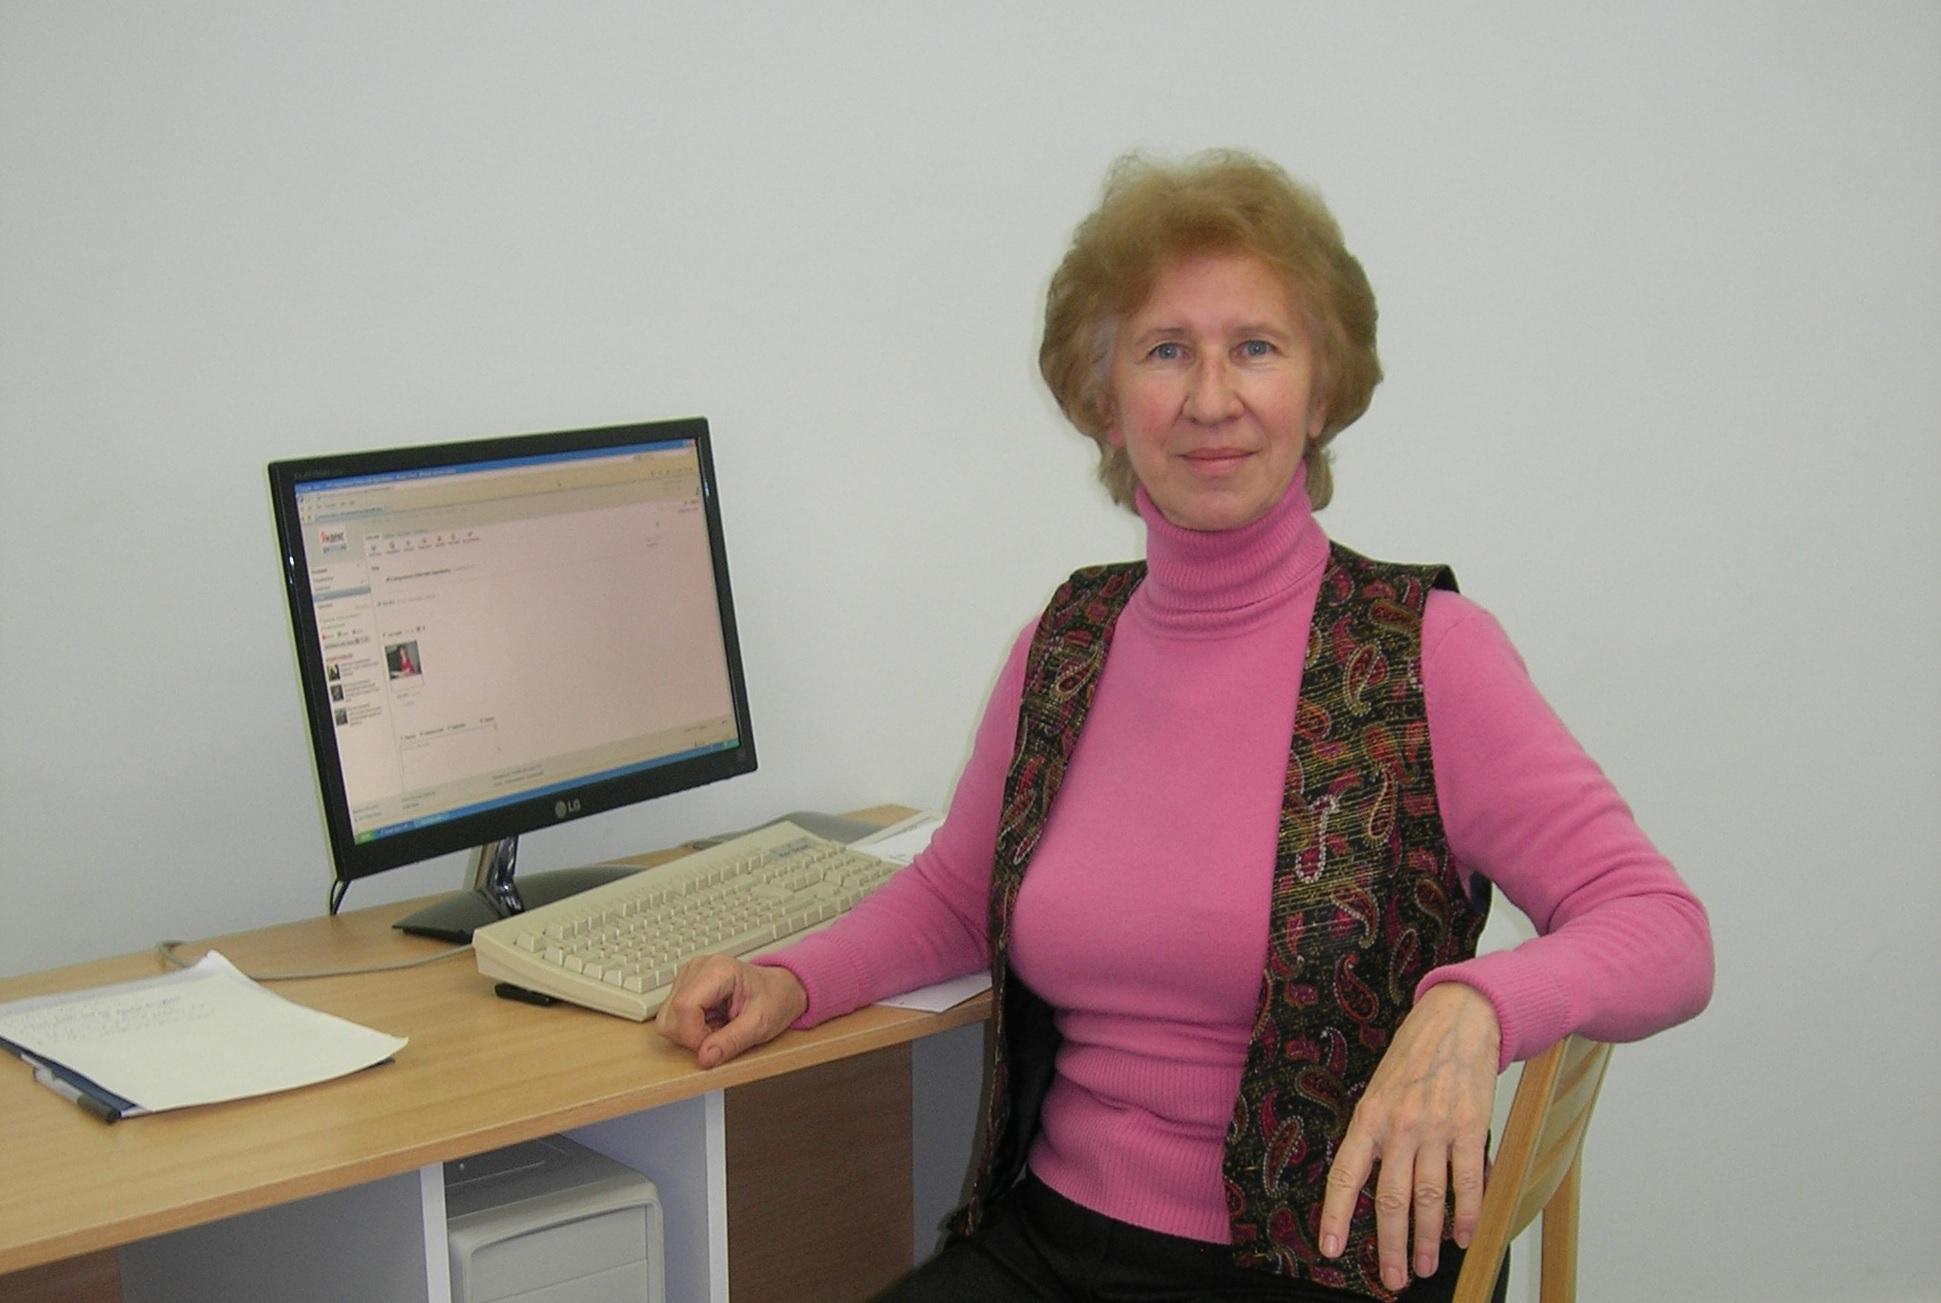 Natalja Gridneva